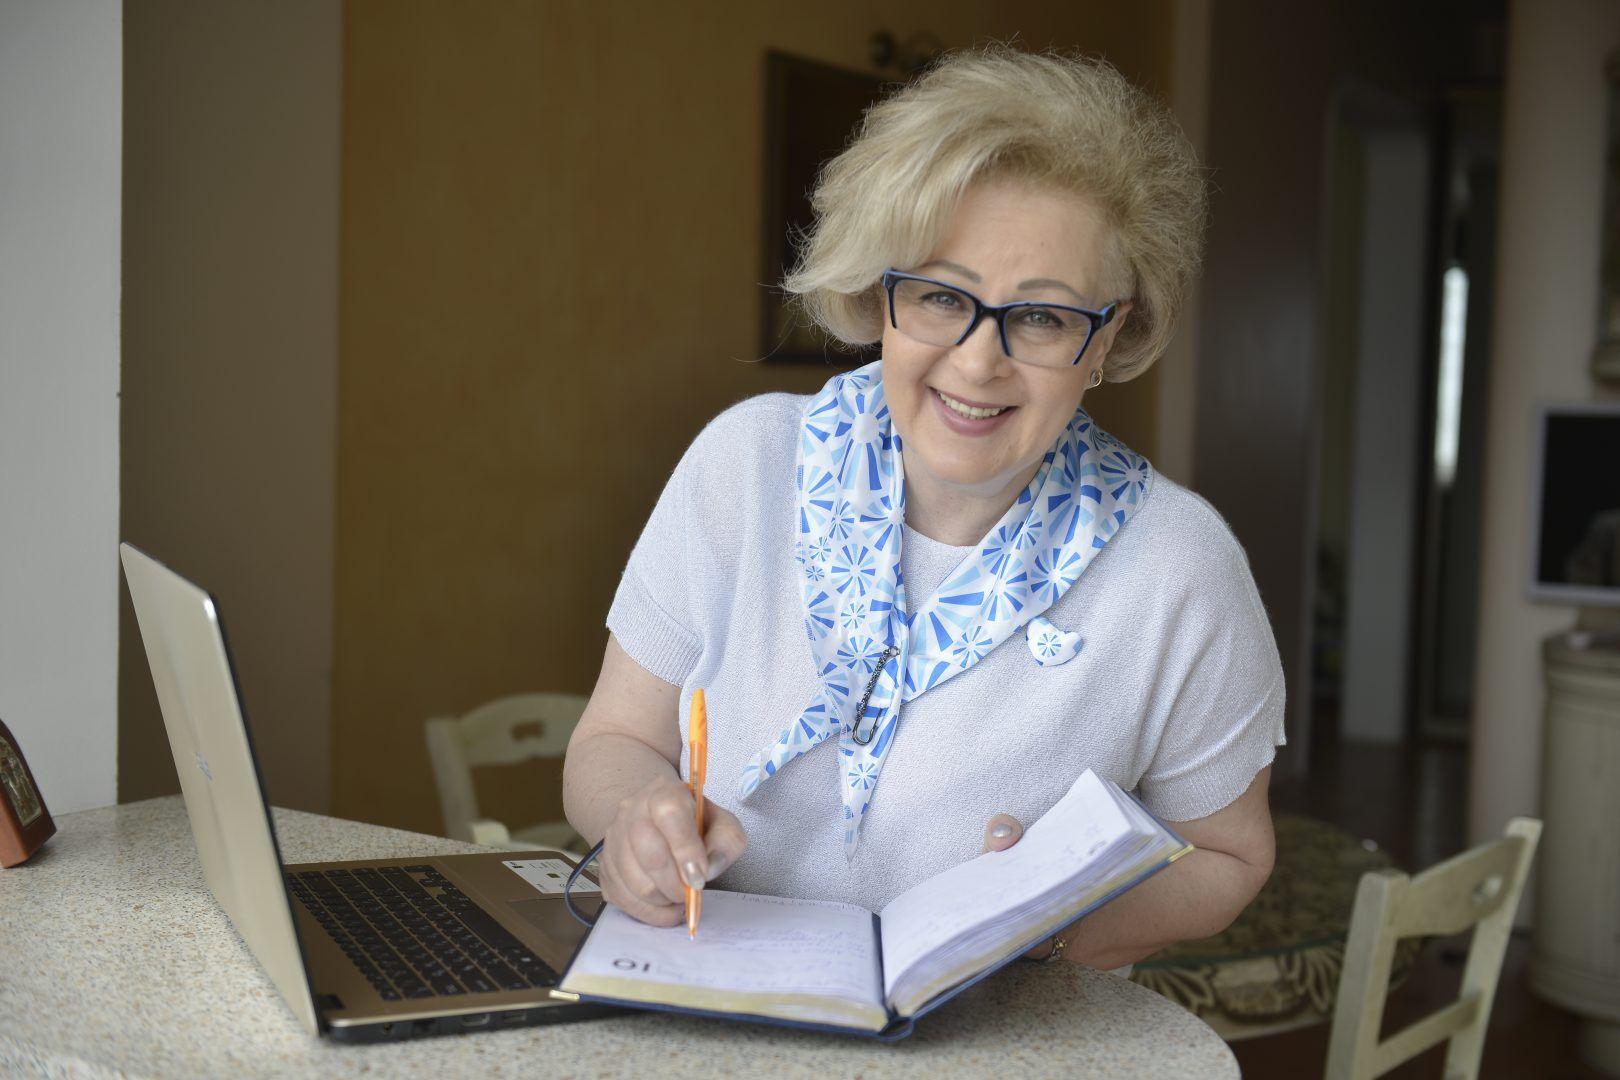 Более 40 тыс москвичей получают повышенное пособие по безработице. Фото: архив